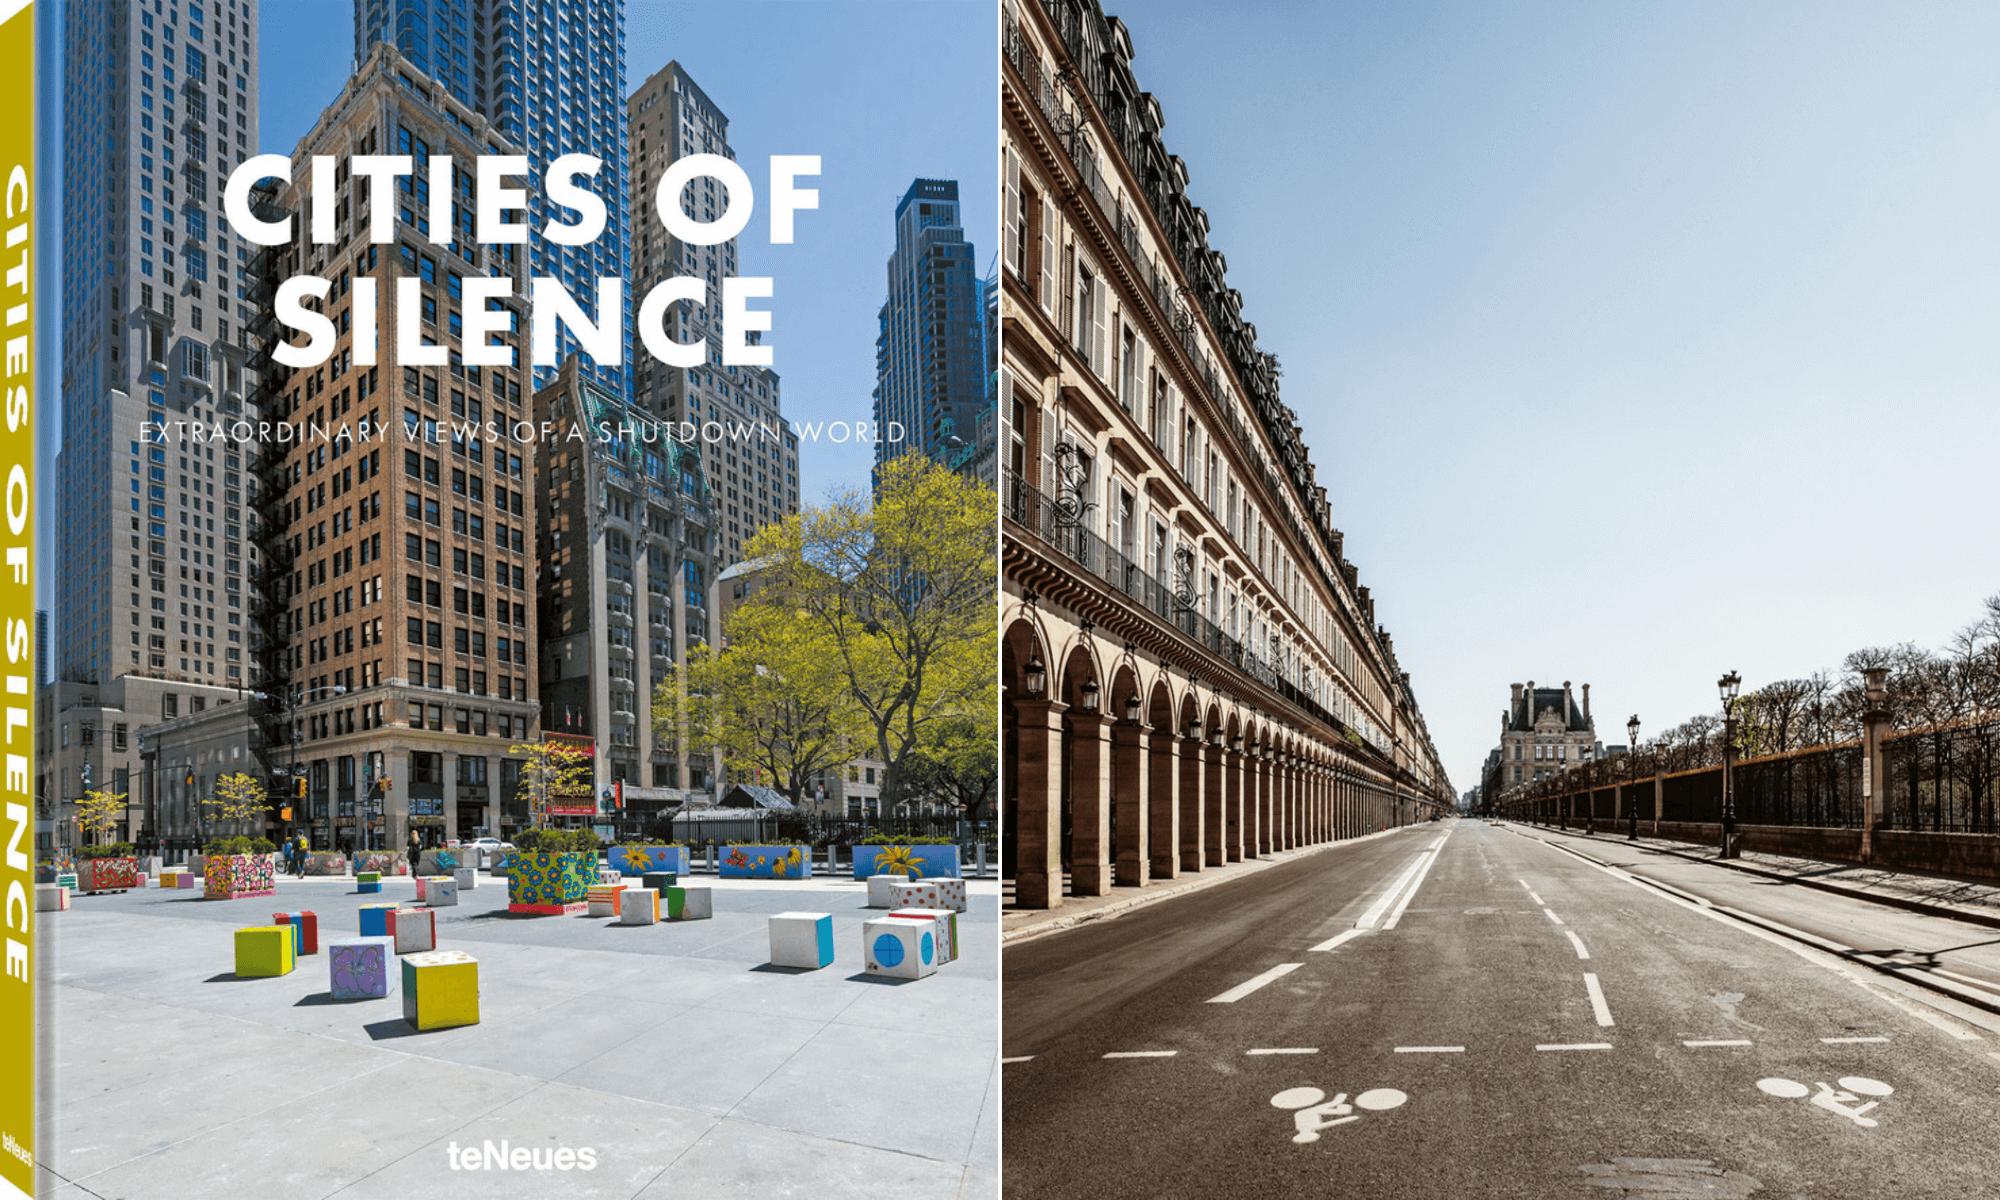 Lanzan Cities of Silence, un libro de fotografías que muestra cómo enmudecieron las grandes ciudades durante el confinamiento